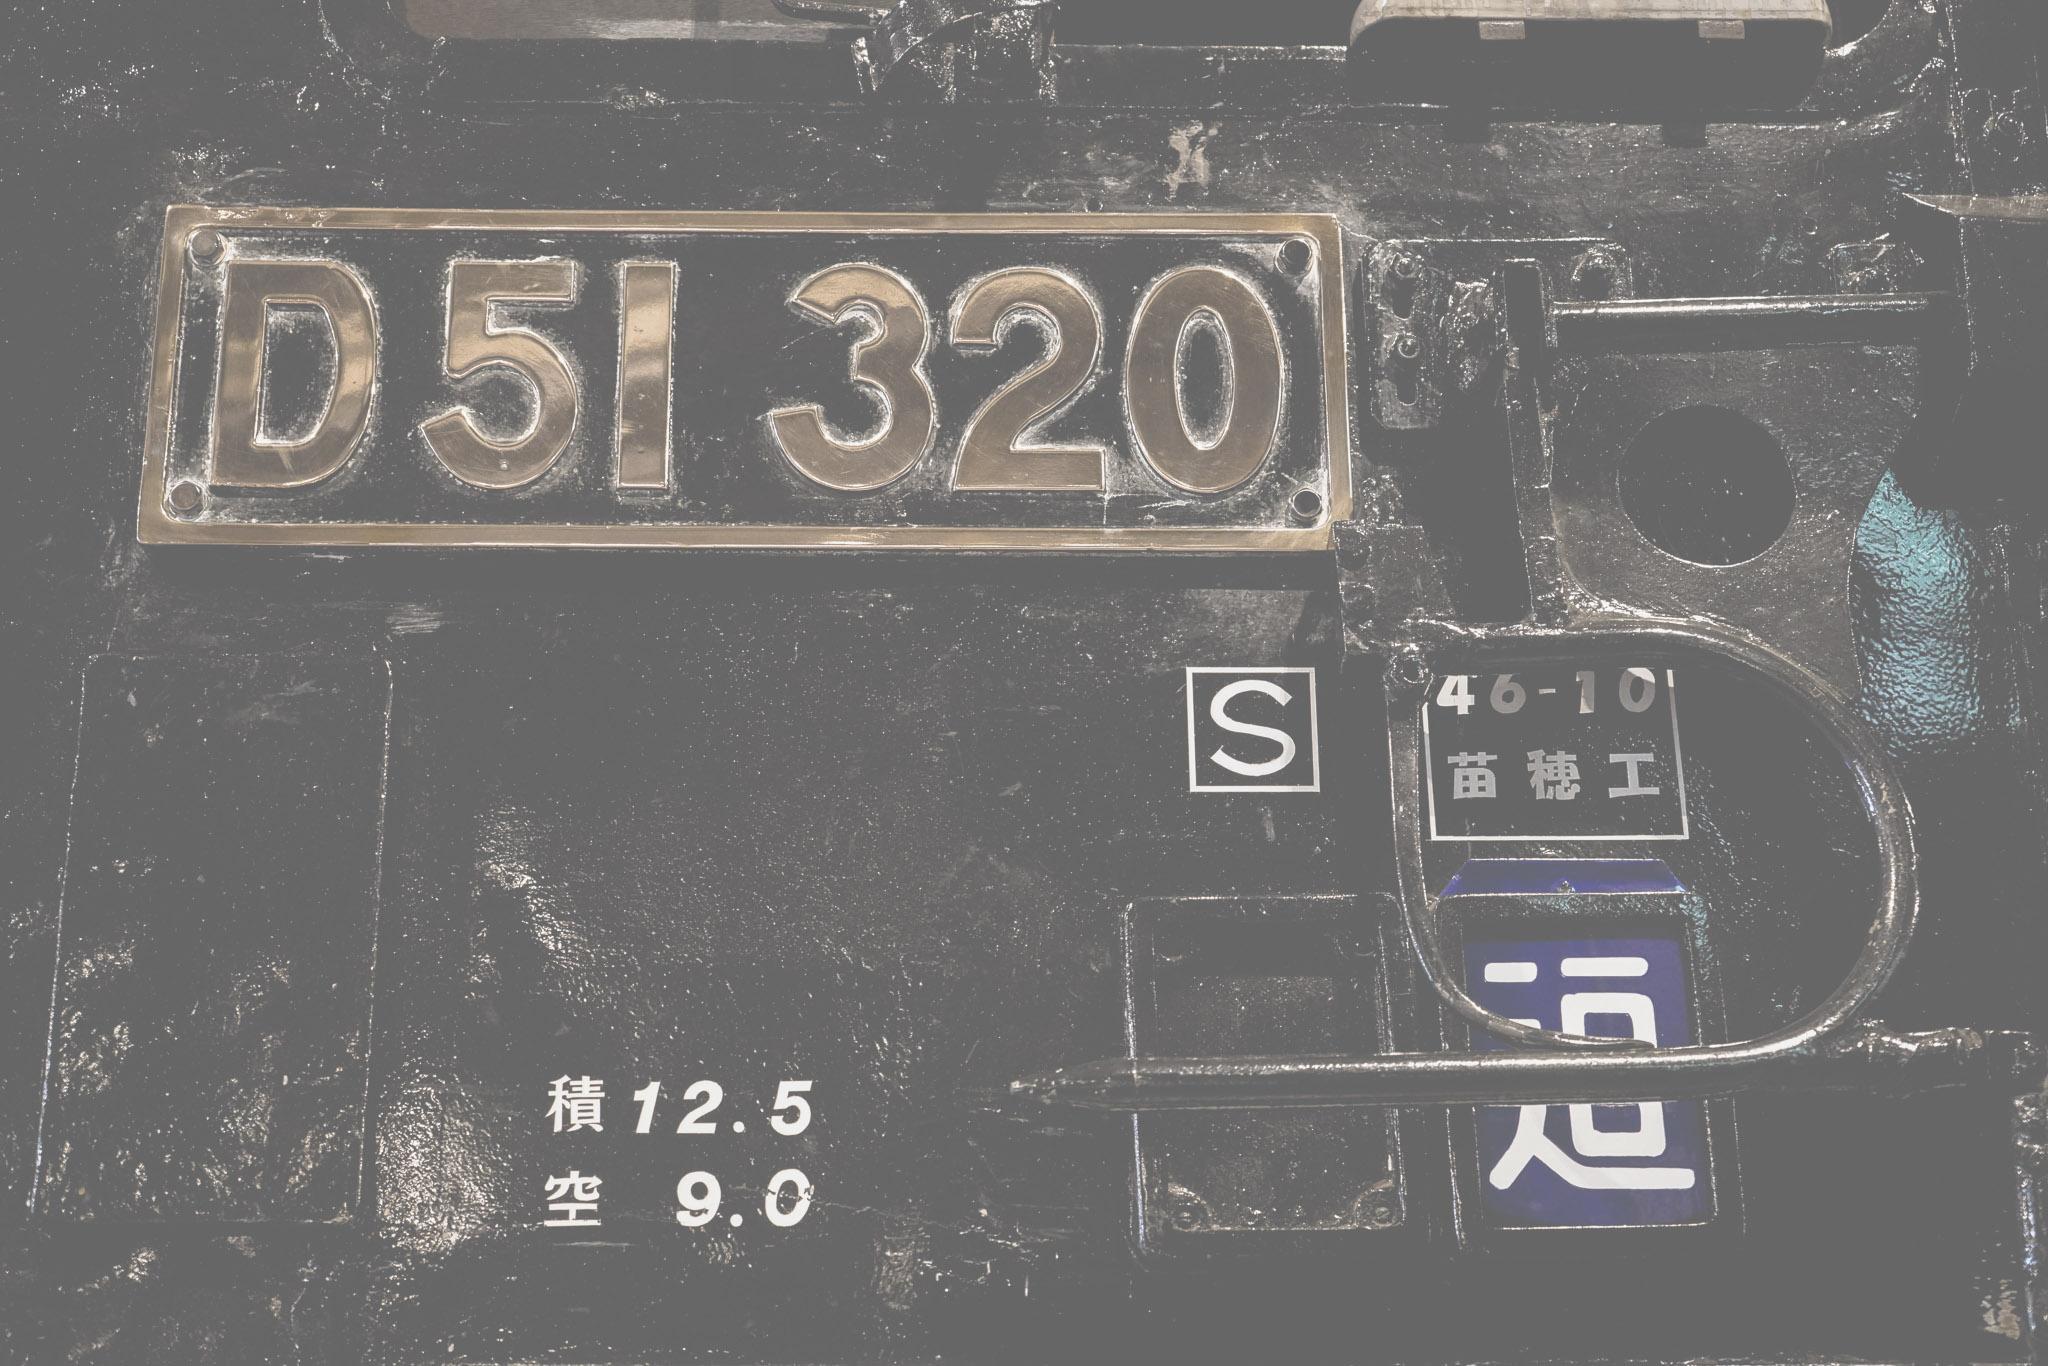 安平 道の駅 D51